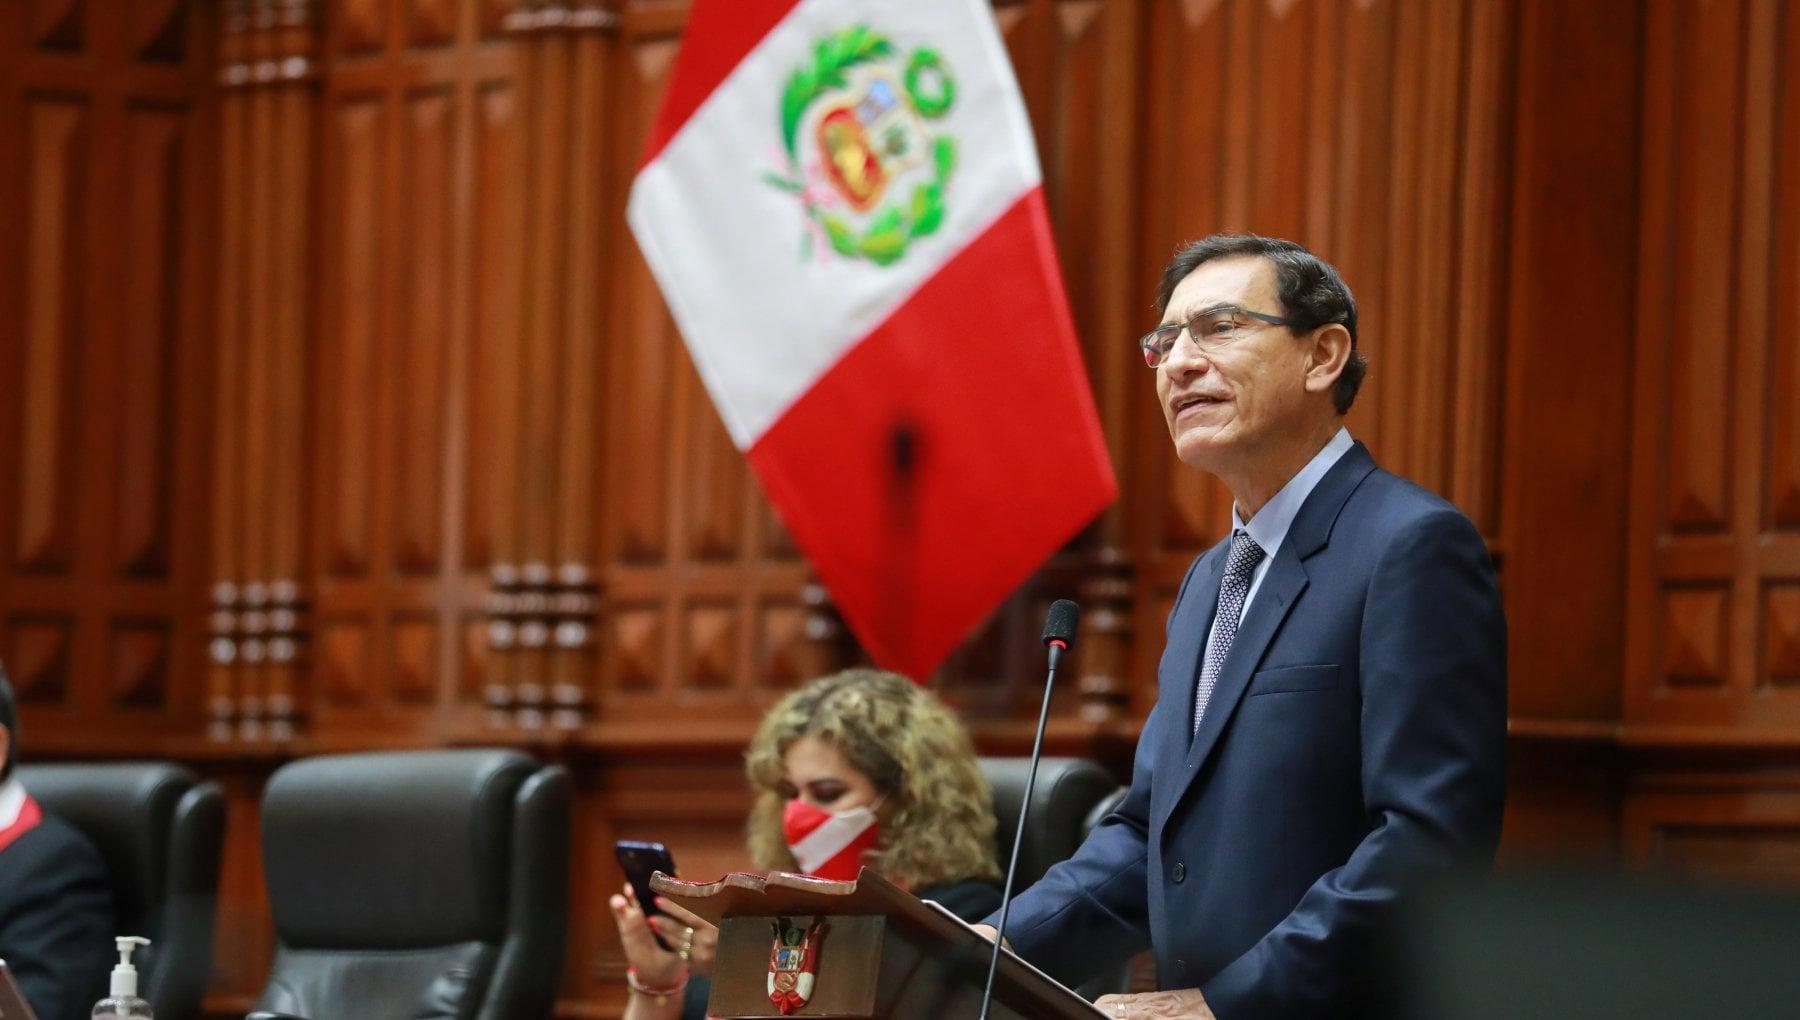 Peru il Congresso destituisce il presidente Vizcarra dopo le accuse per corruzione